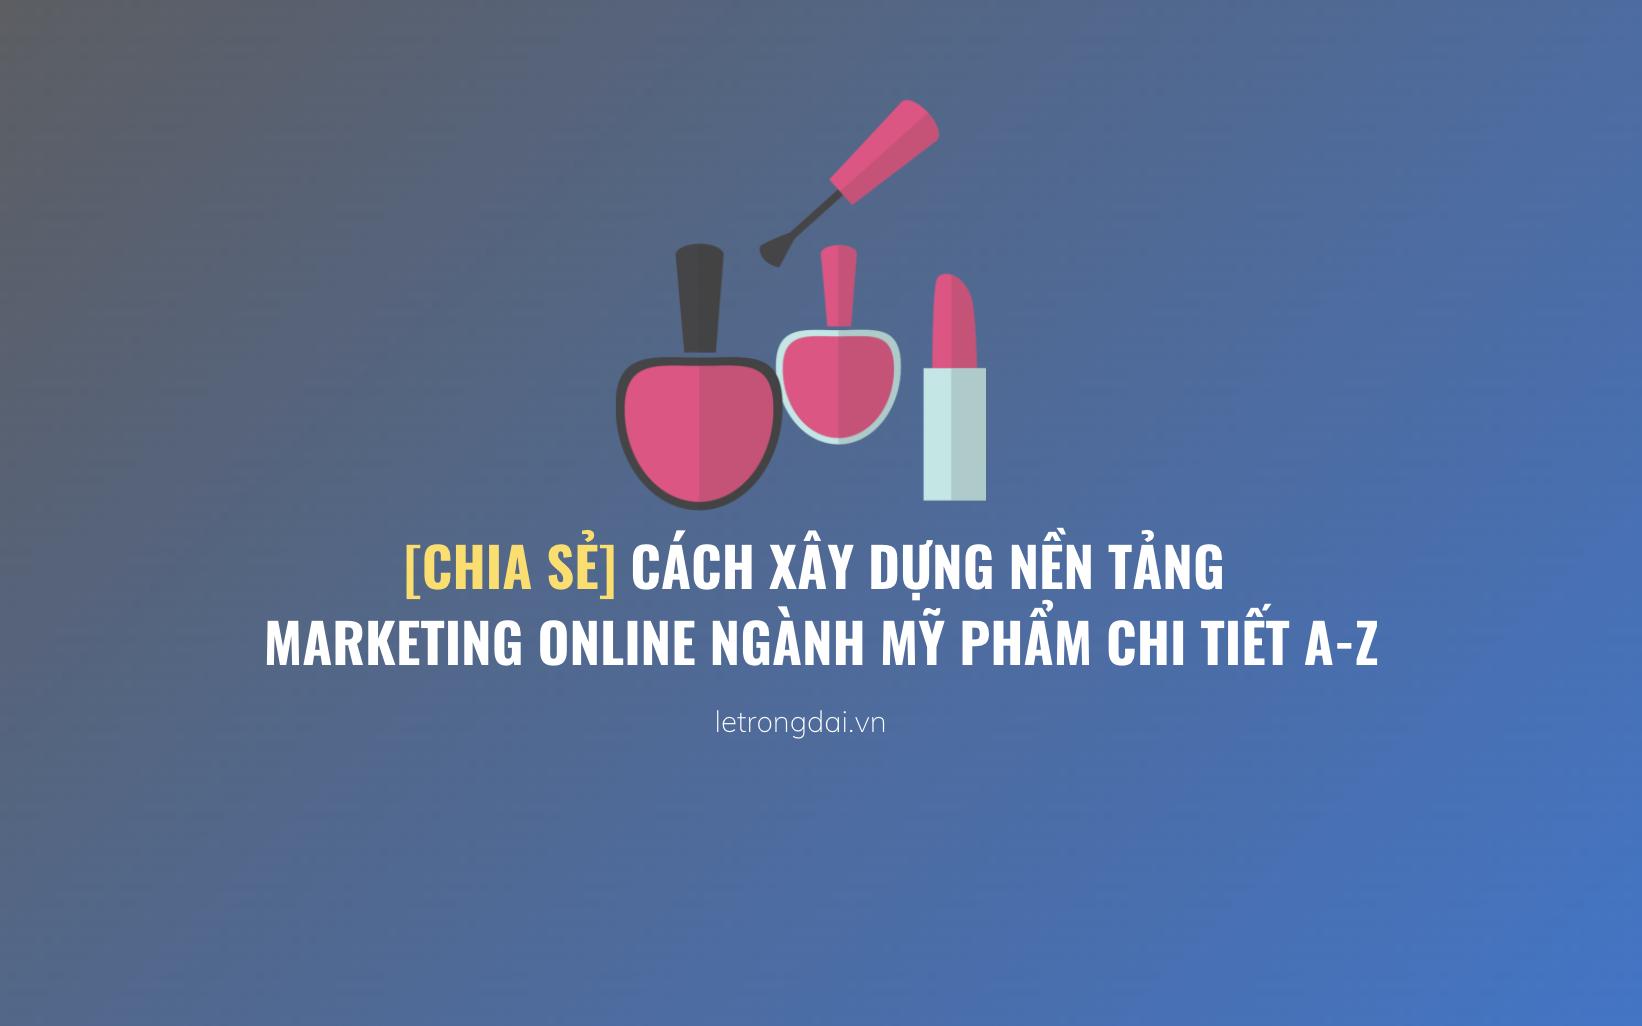 Cách Xây Dựng Nền Tảng Marketing Online Ngành Mỹ Phẩm Chi Tiết